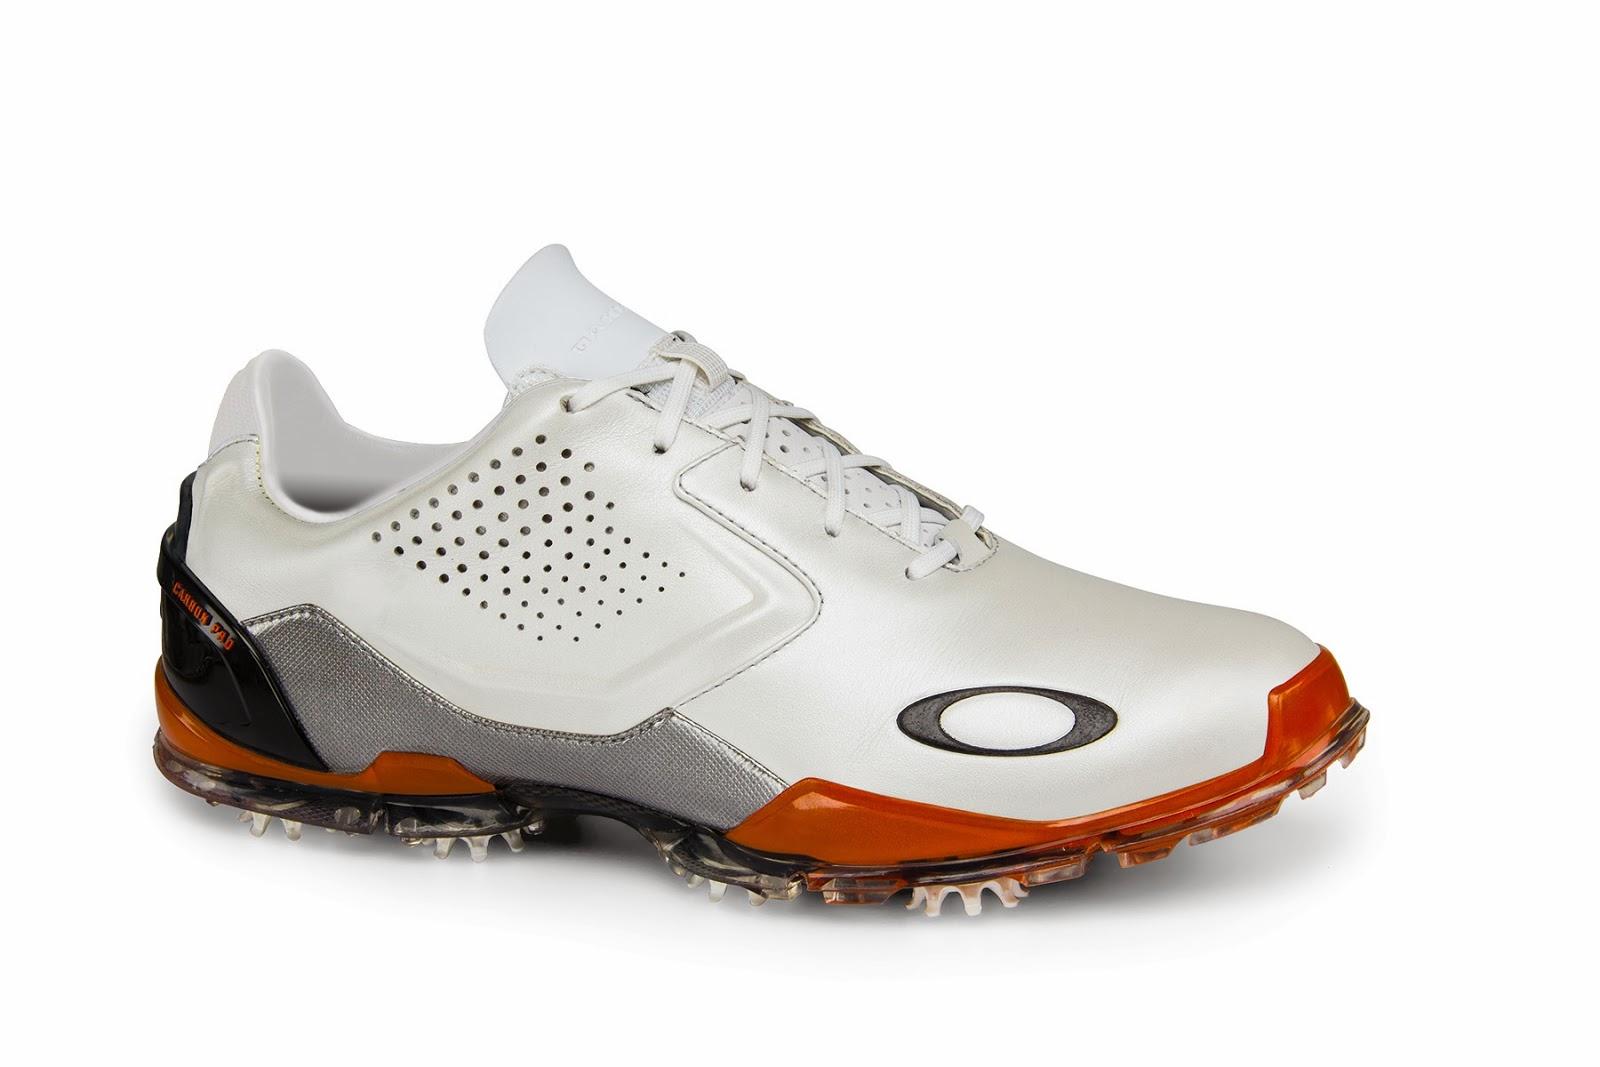 Oakley Golf Pro Am 2014 Www Tapdance Org